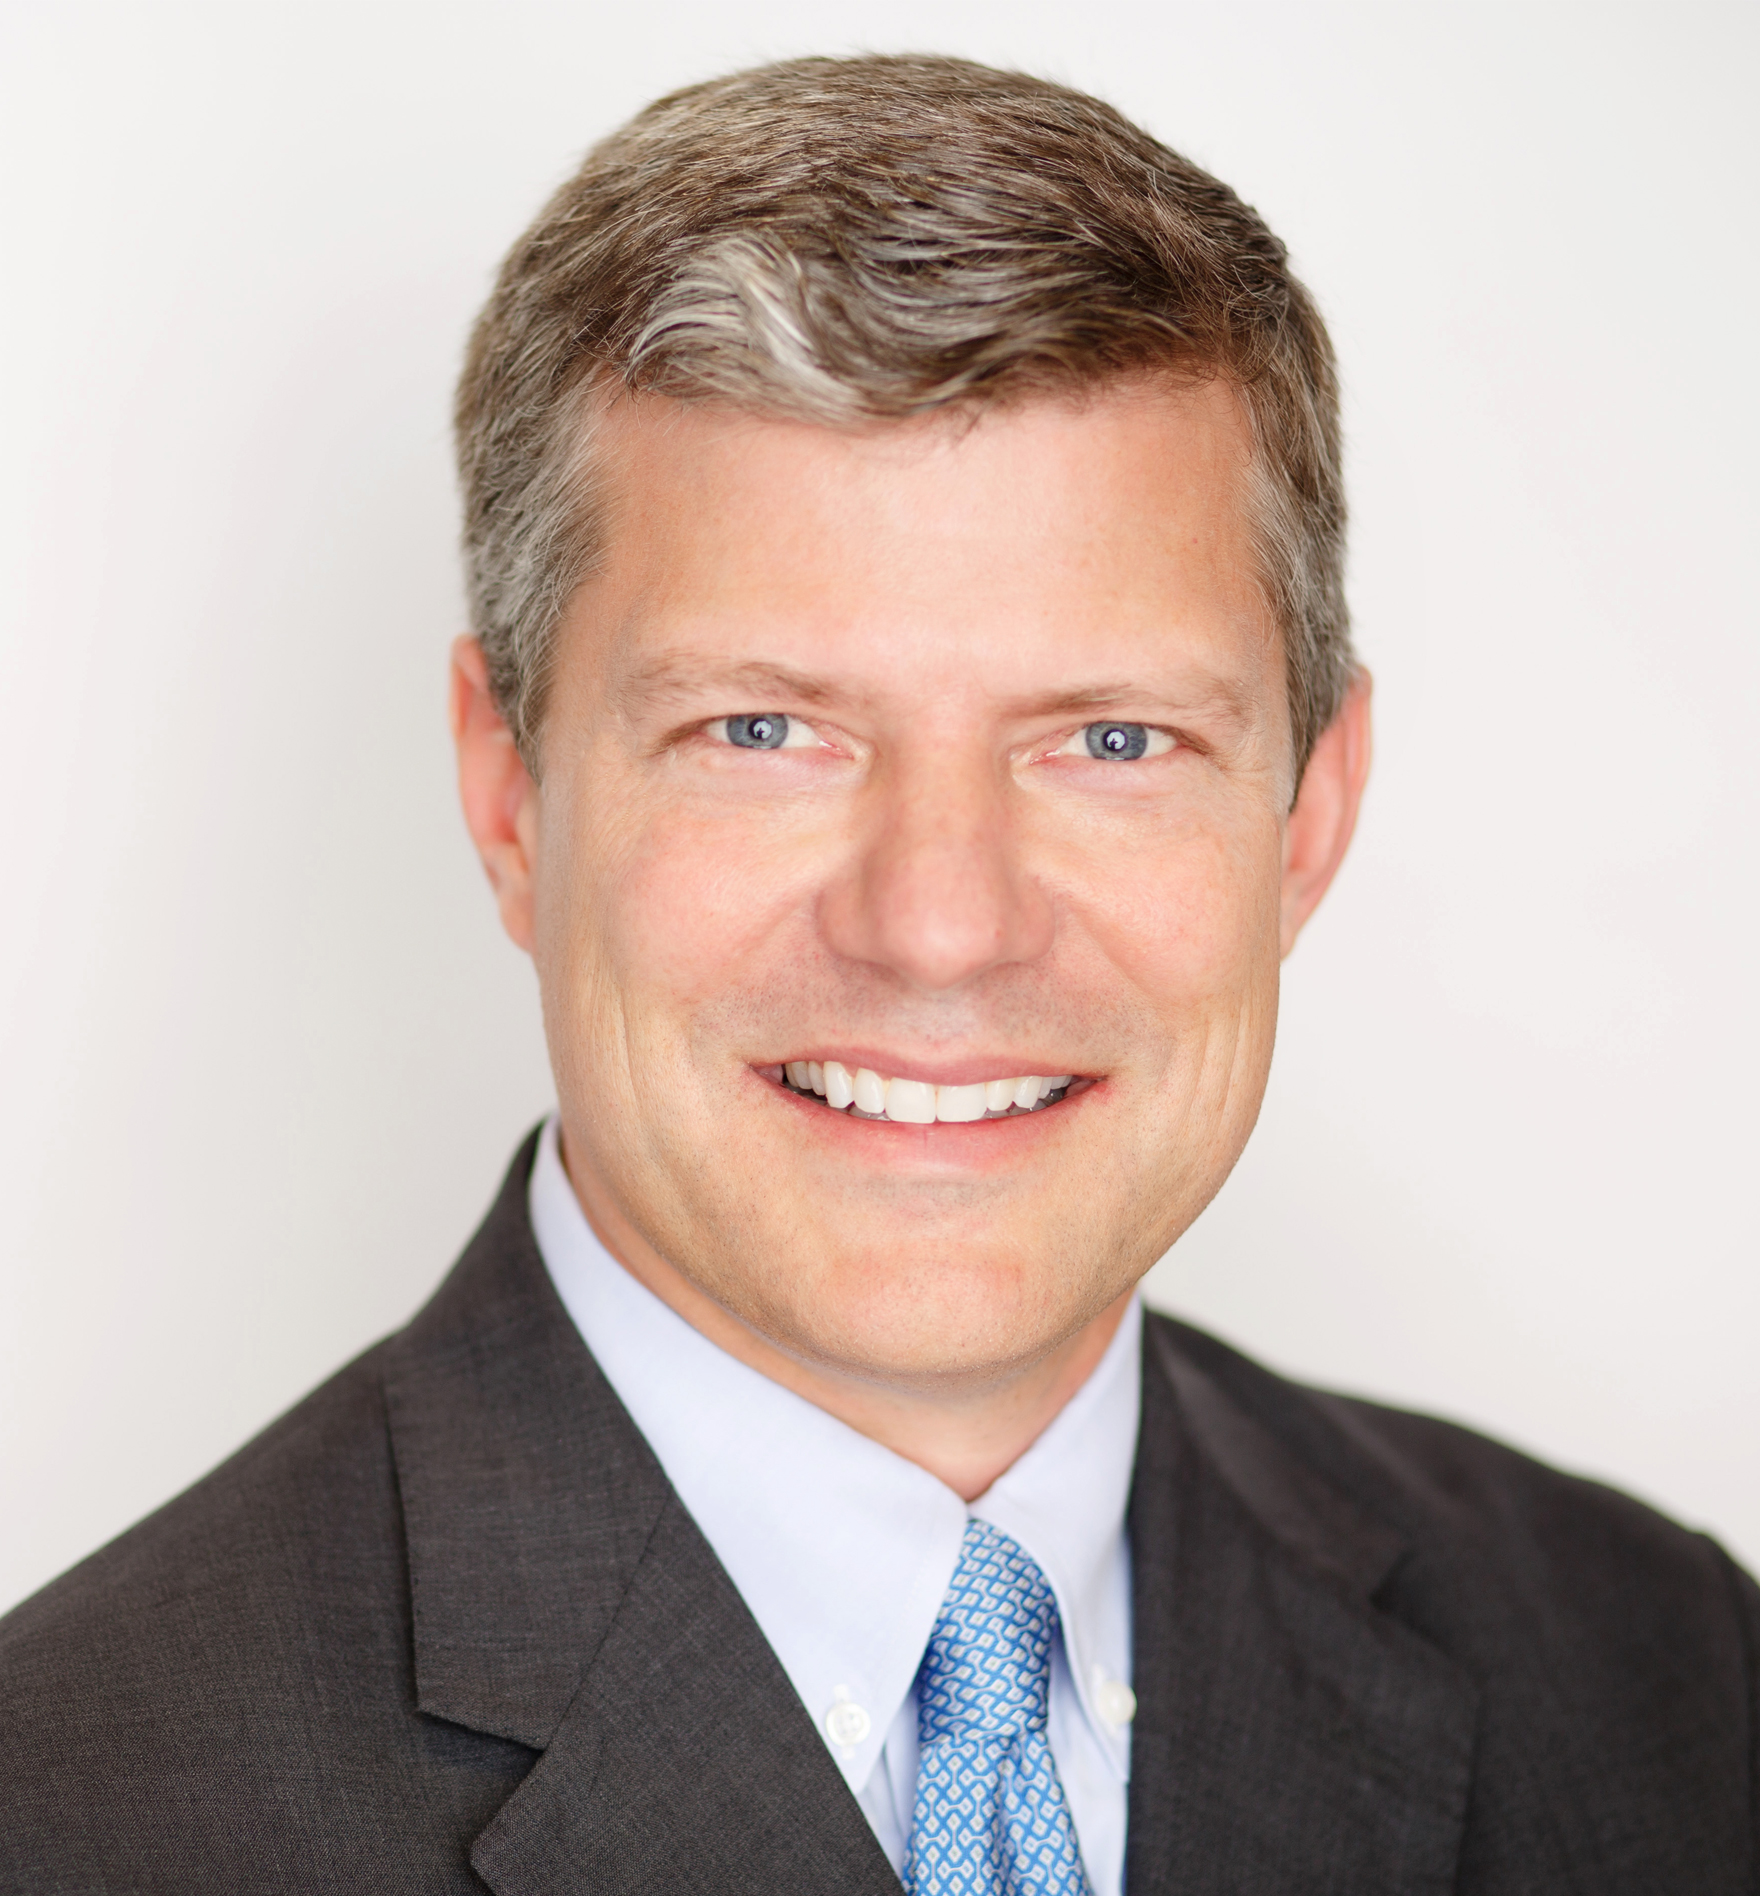 Leif M. Murphy